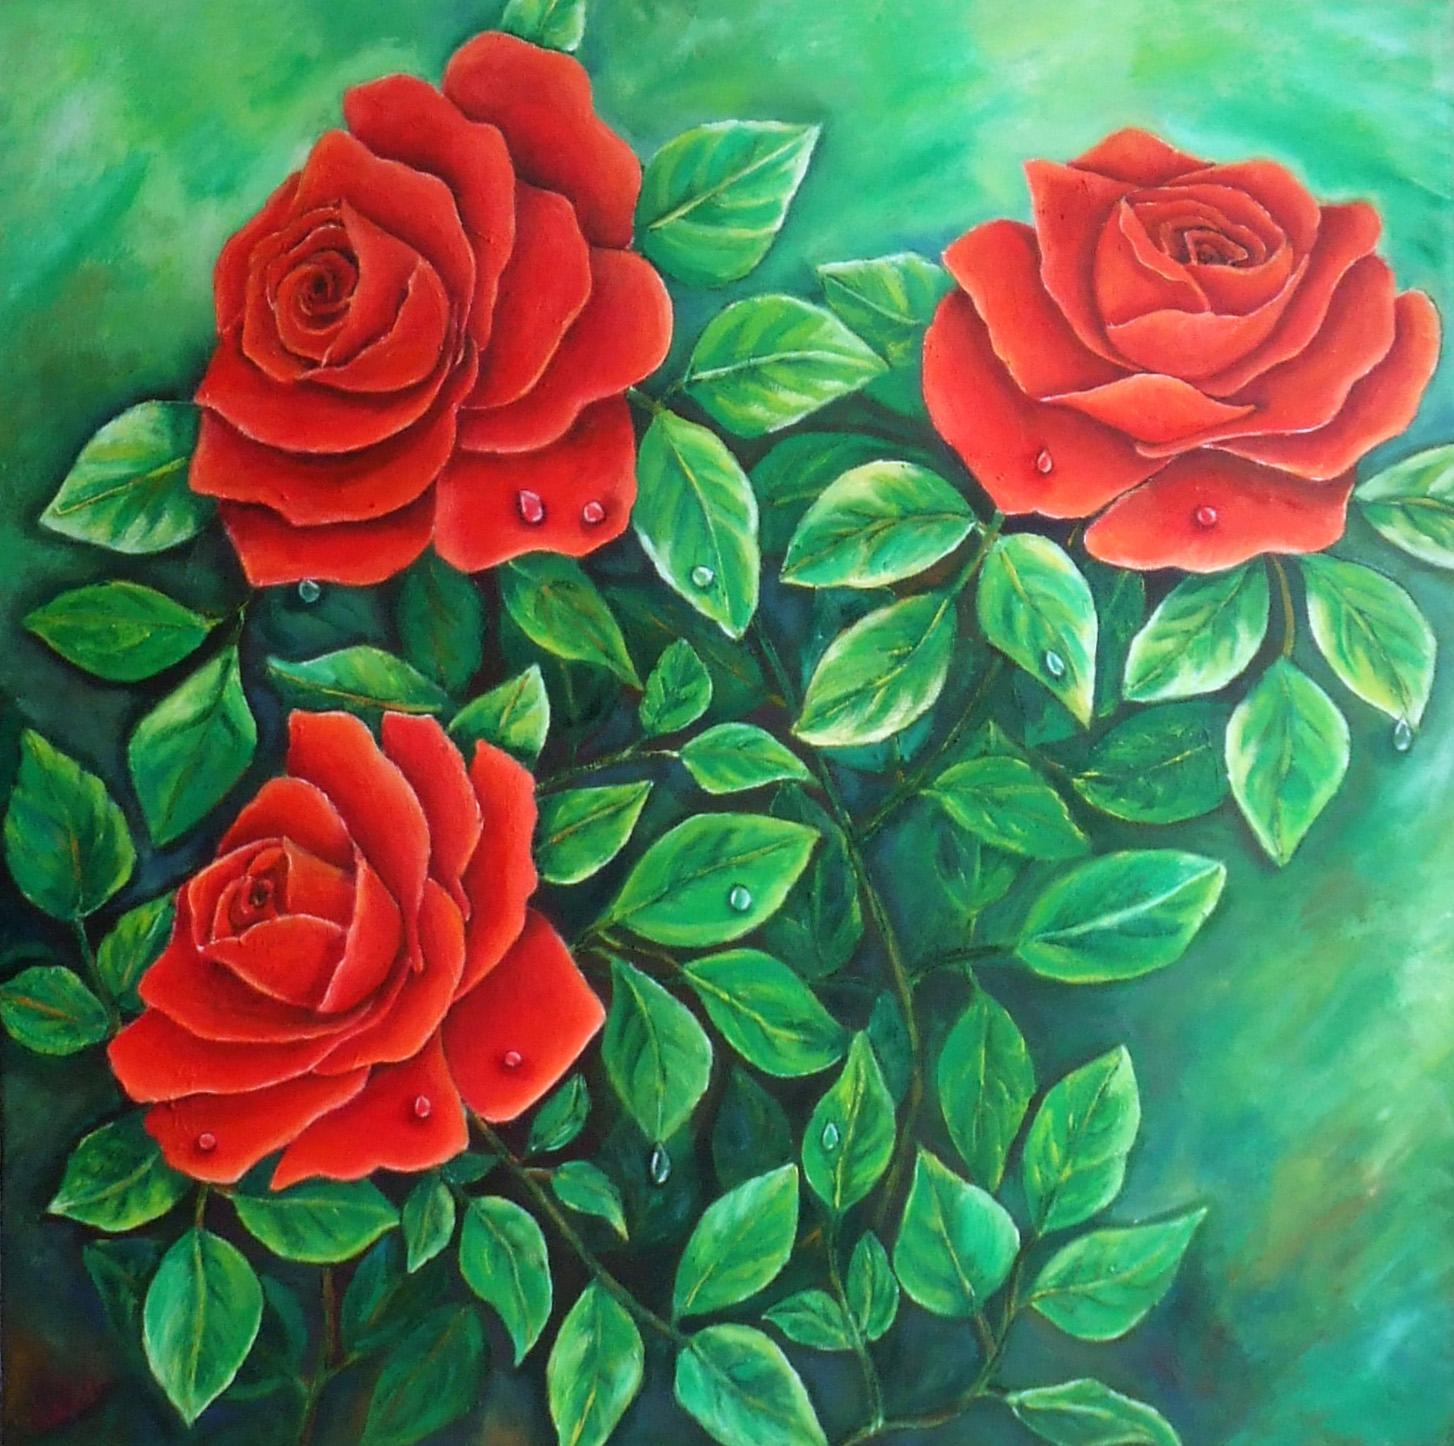 Descargar Imagenes De Rosas Rojas - Imagenes de corazones tiernos para descargar: Imágenes